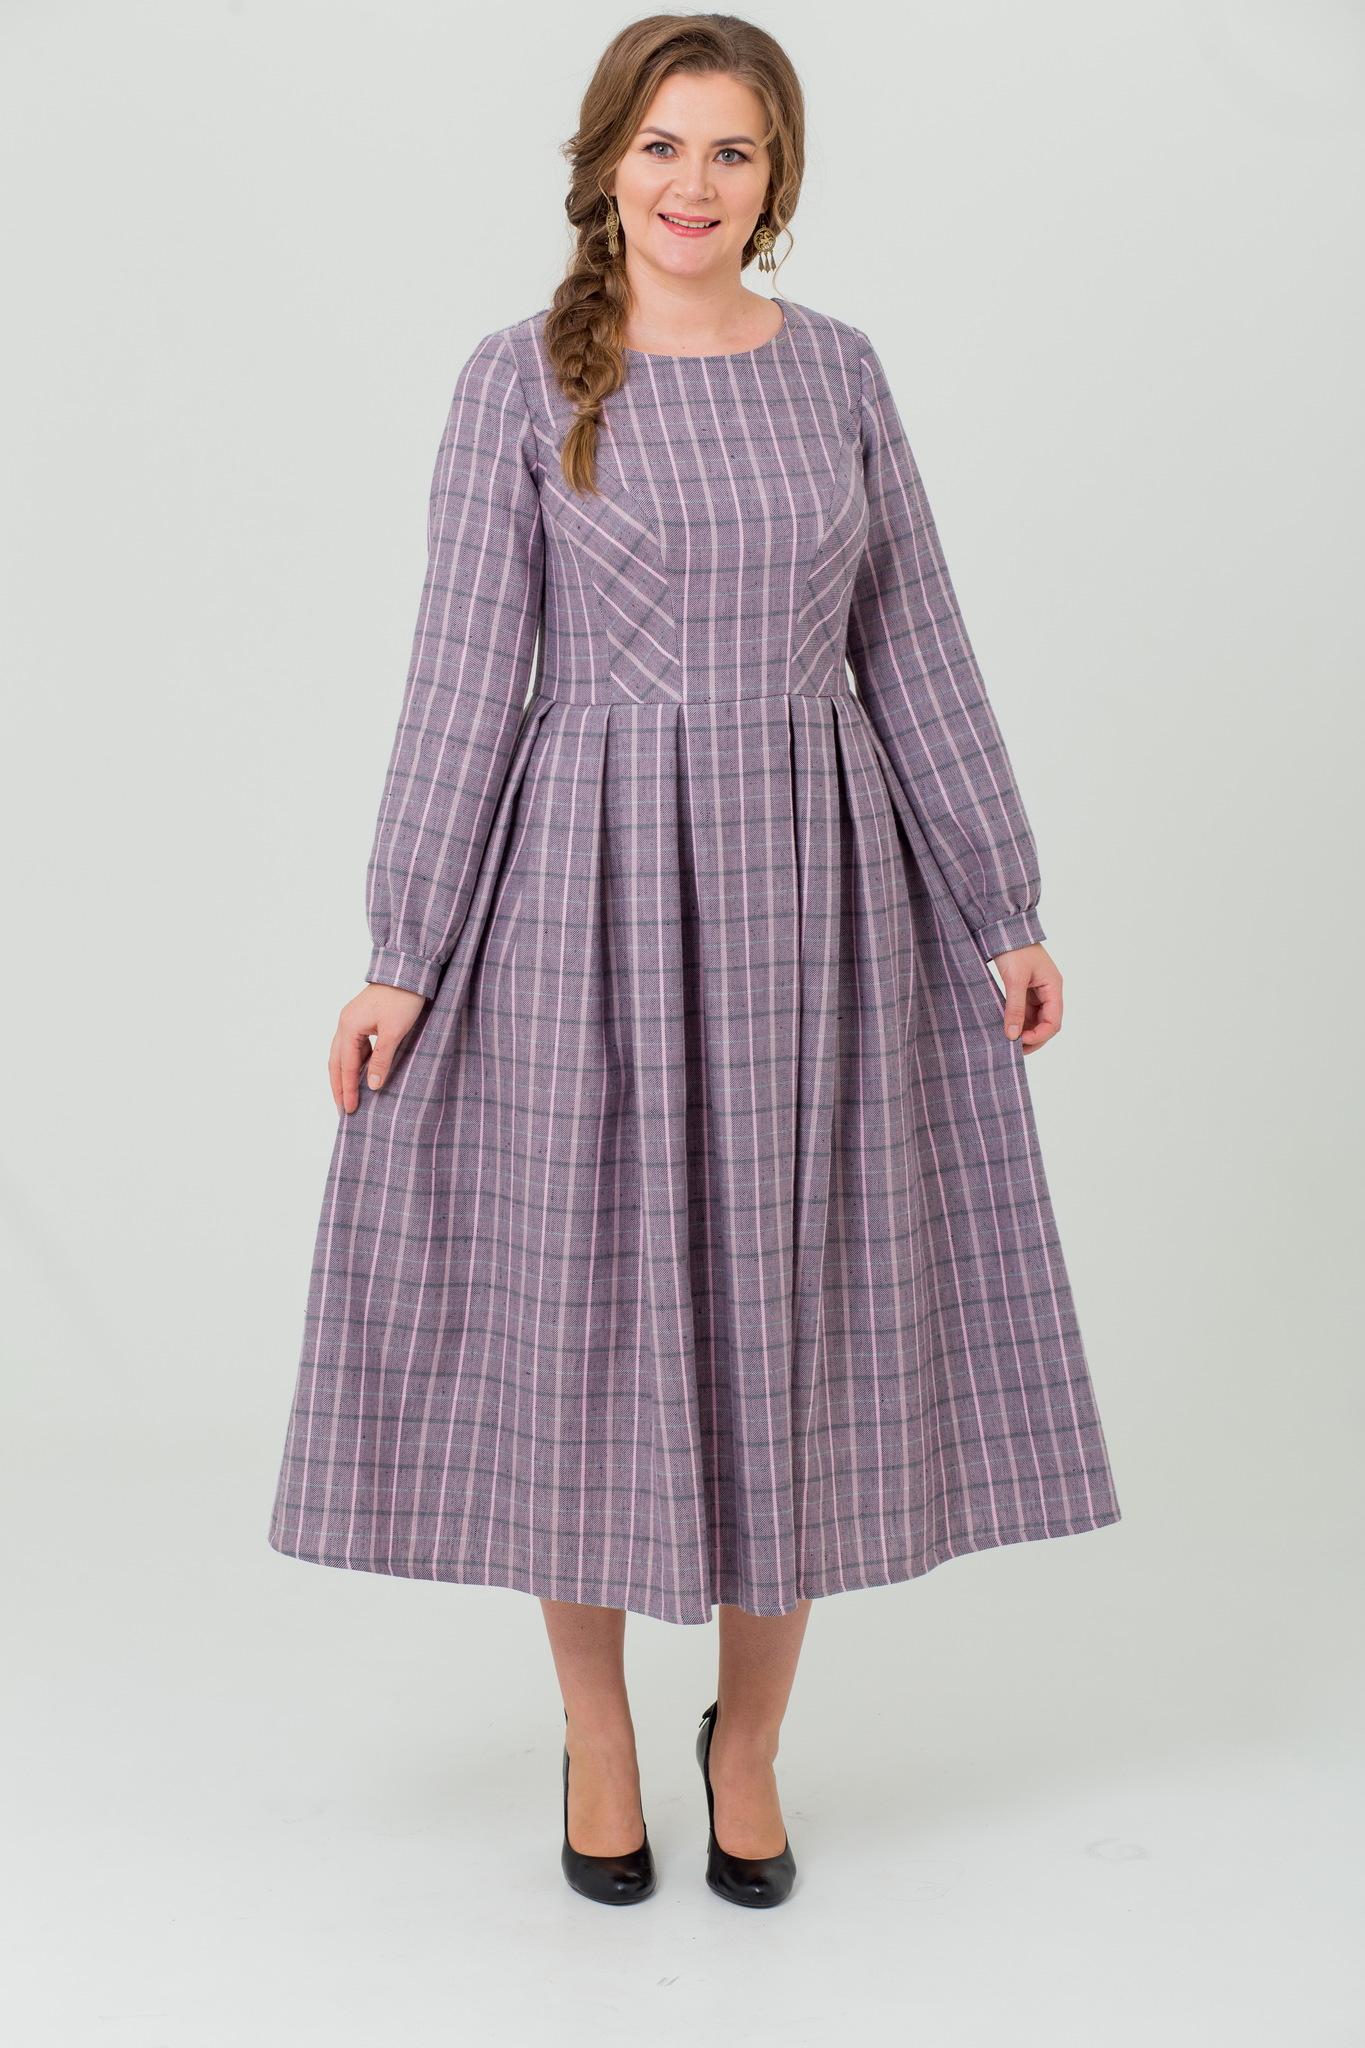 Платье льняное Розовый вечер от Иванки